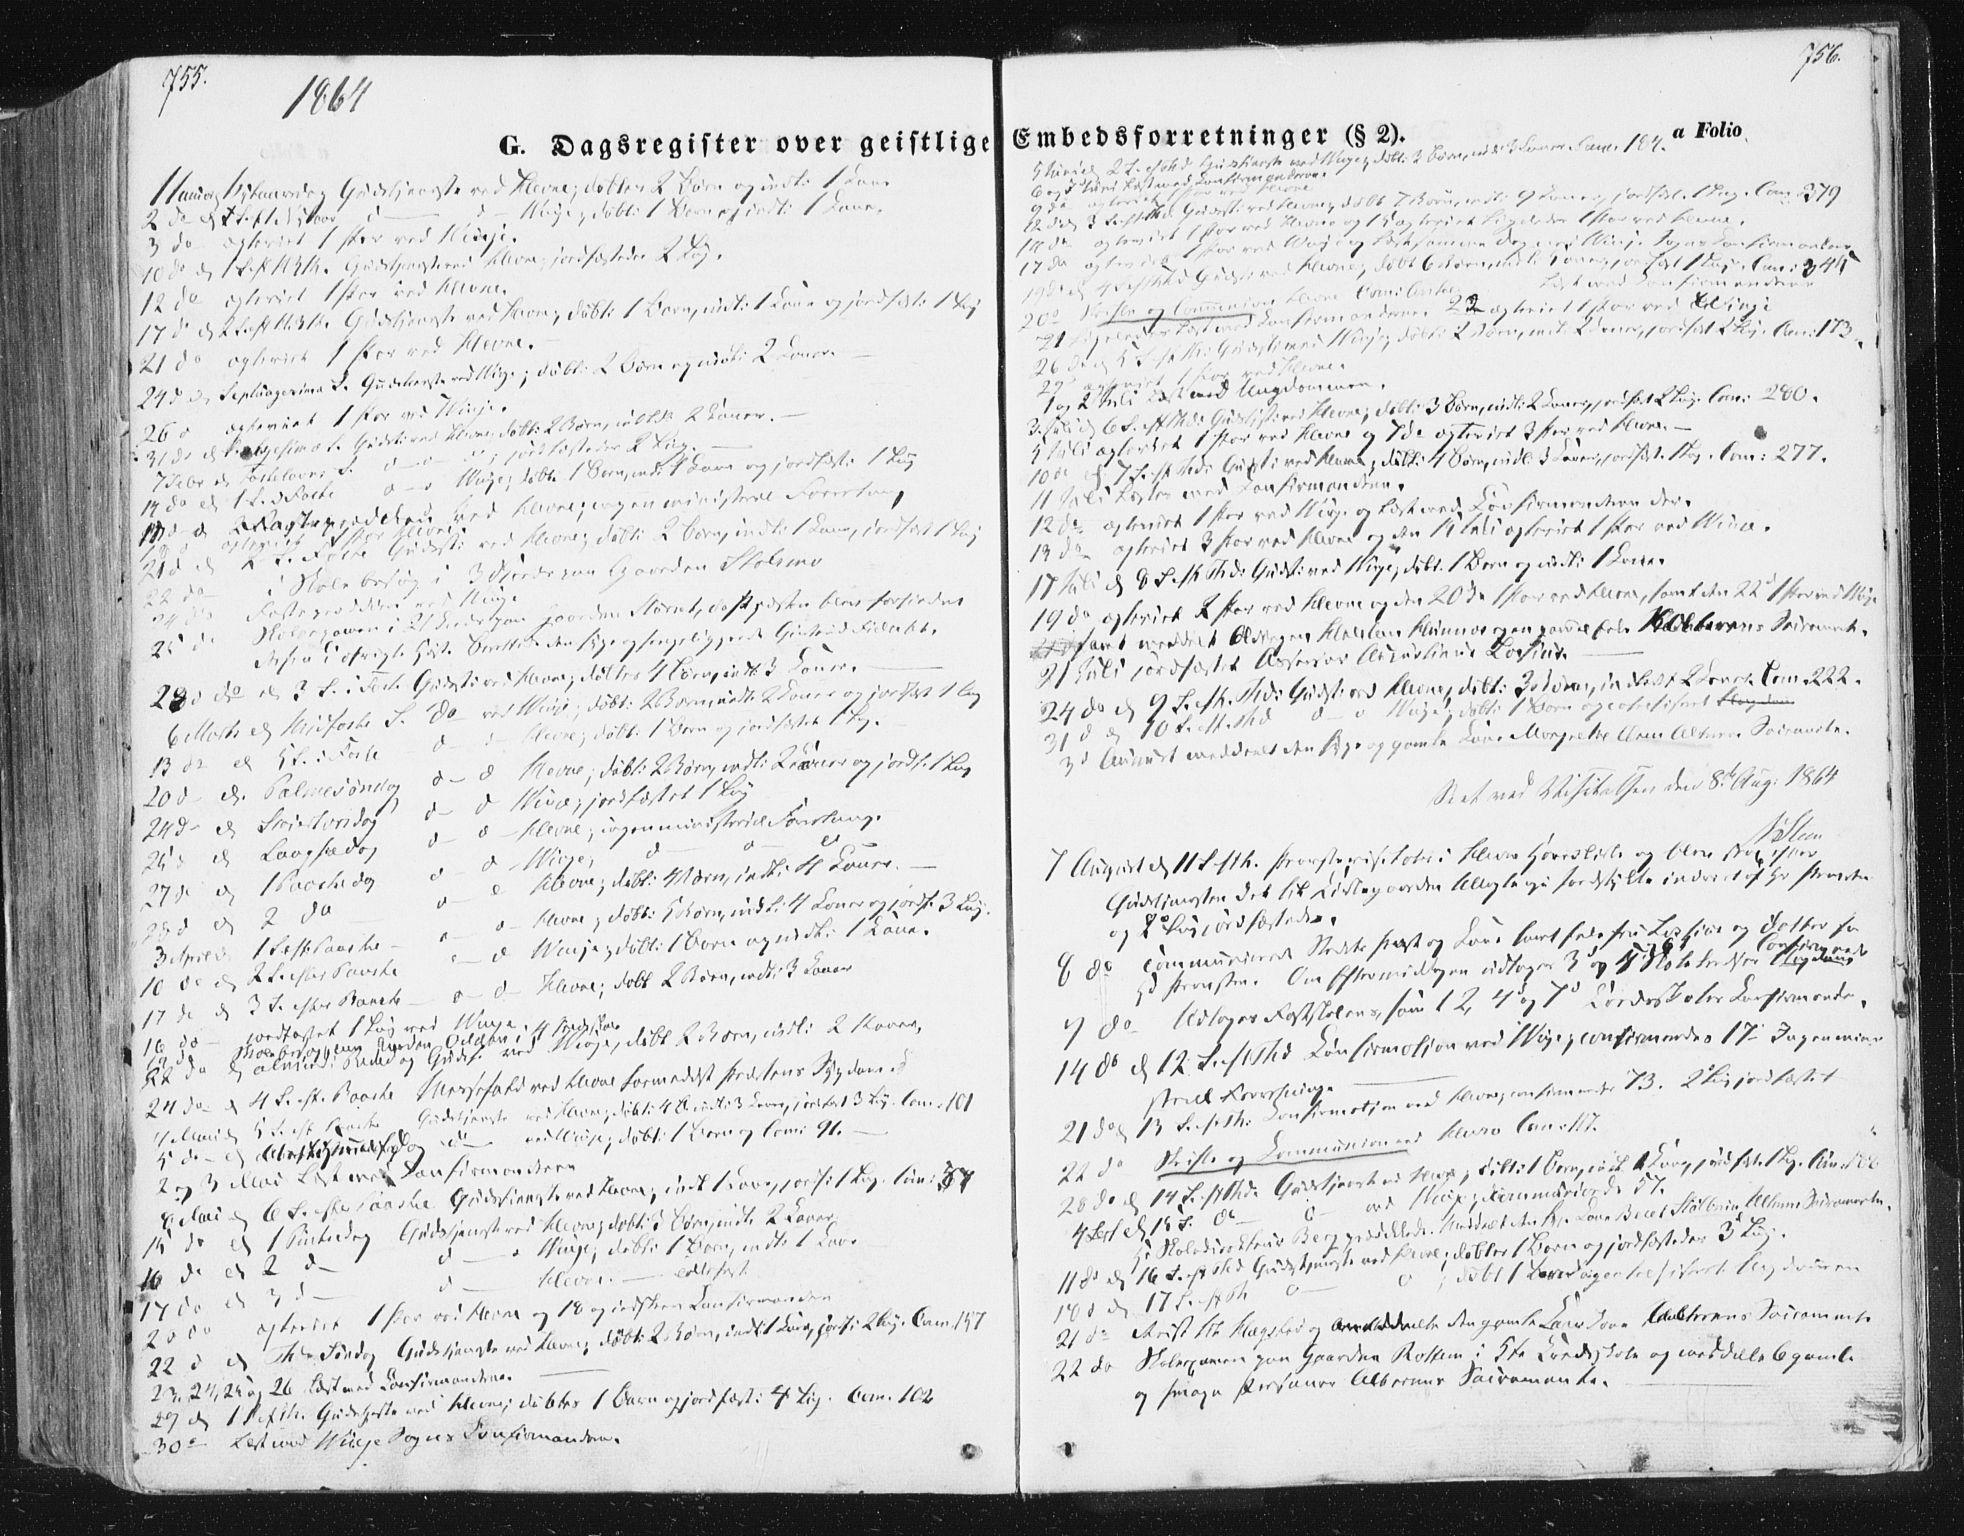 SAT, Ministerialprotokoller, klokkerbøker og fødselsregistre - Sør-Trøndelag, 630/L0494: Ministerialbok nr. 630A07, 1852-1868, s. 755-756